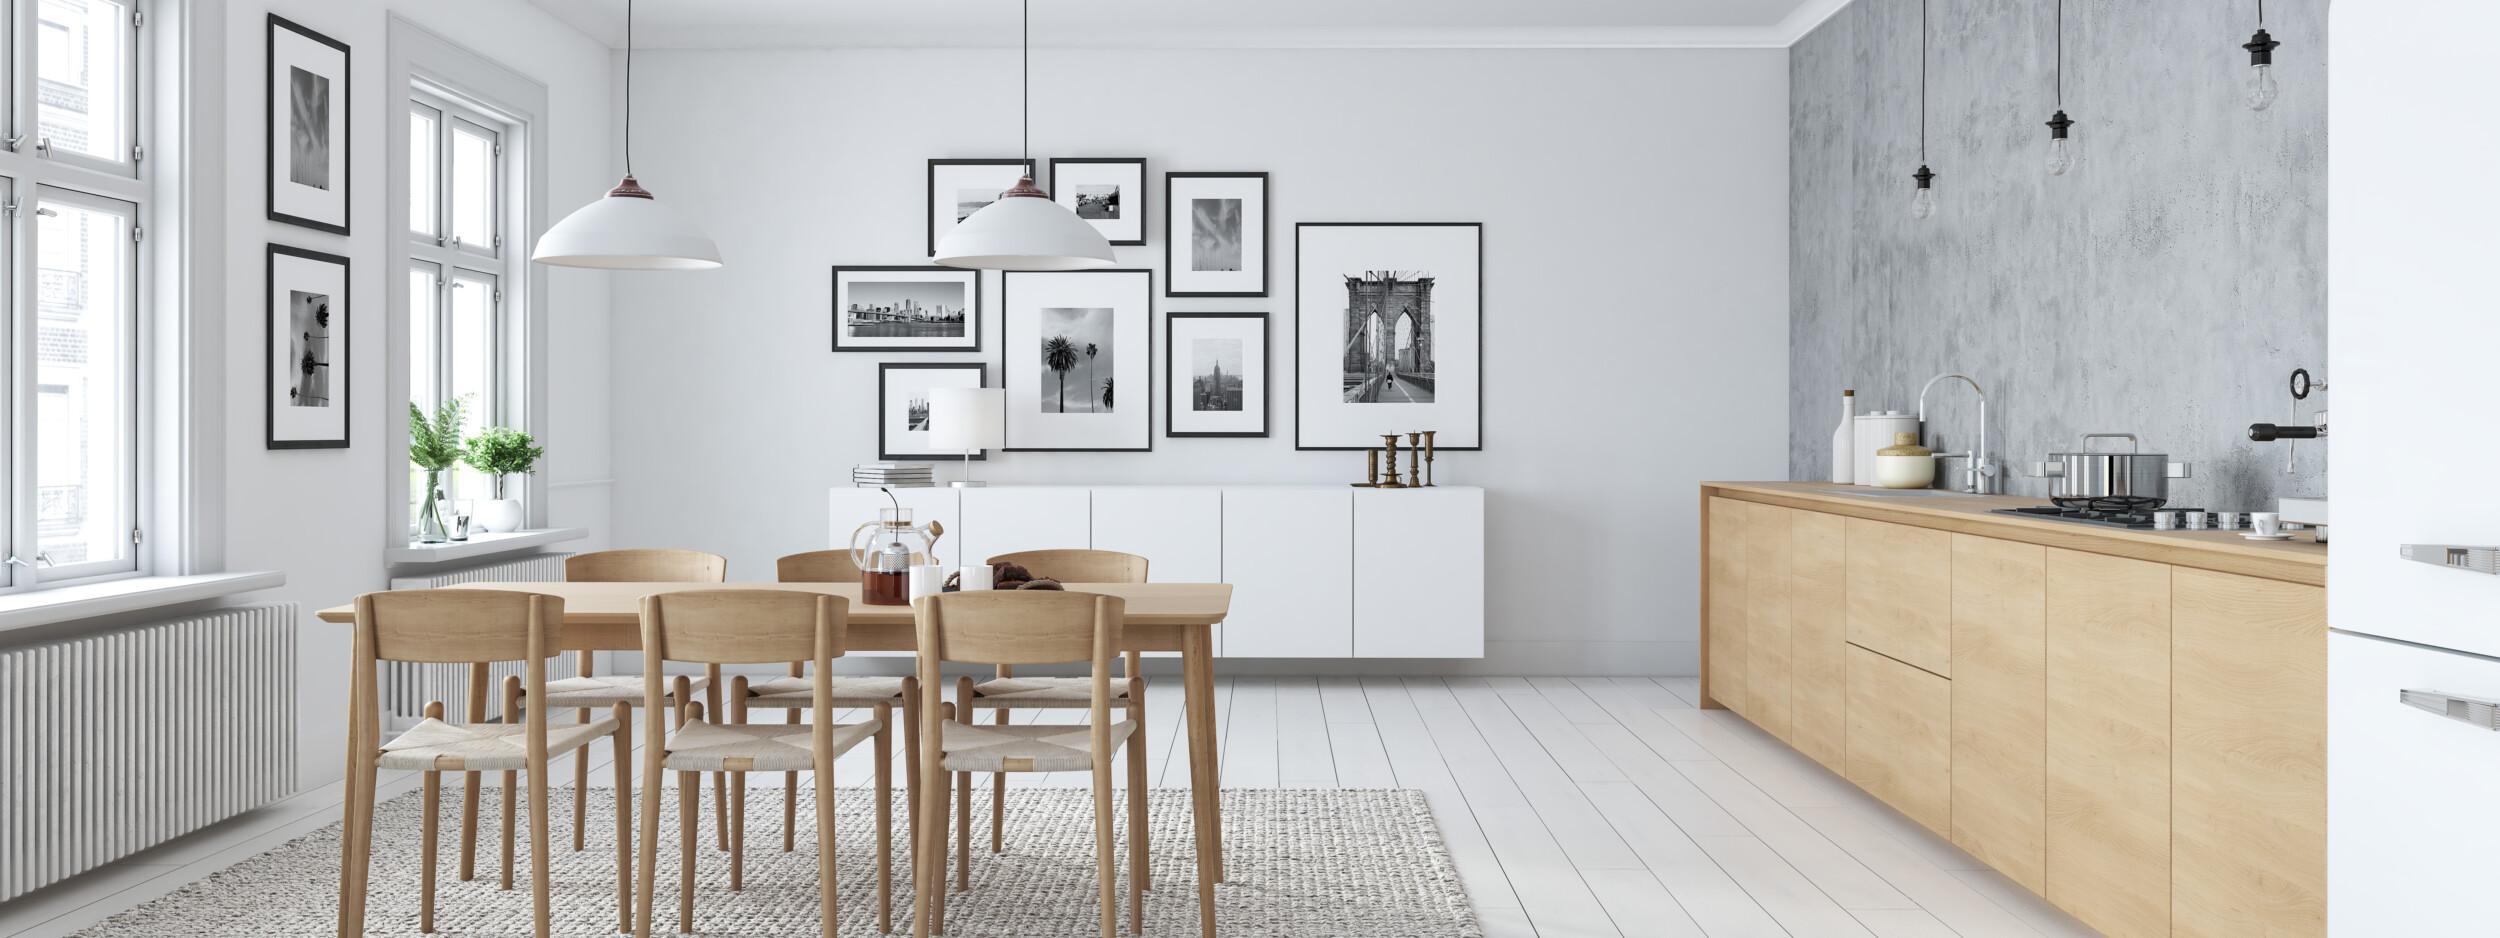 kitchen light grey interior